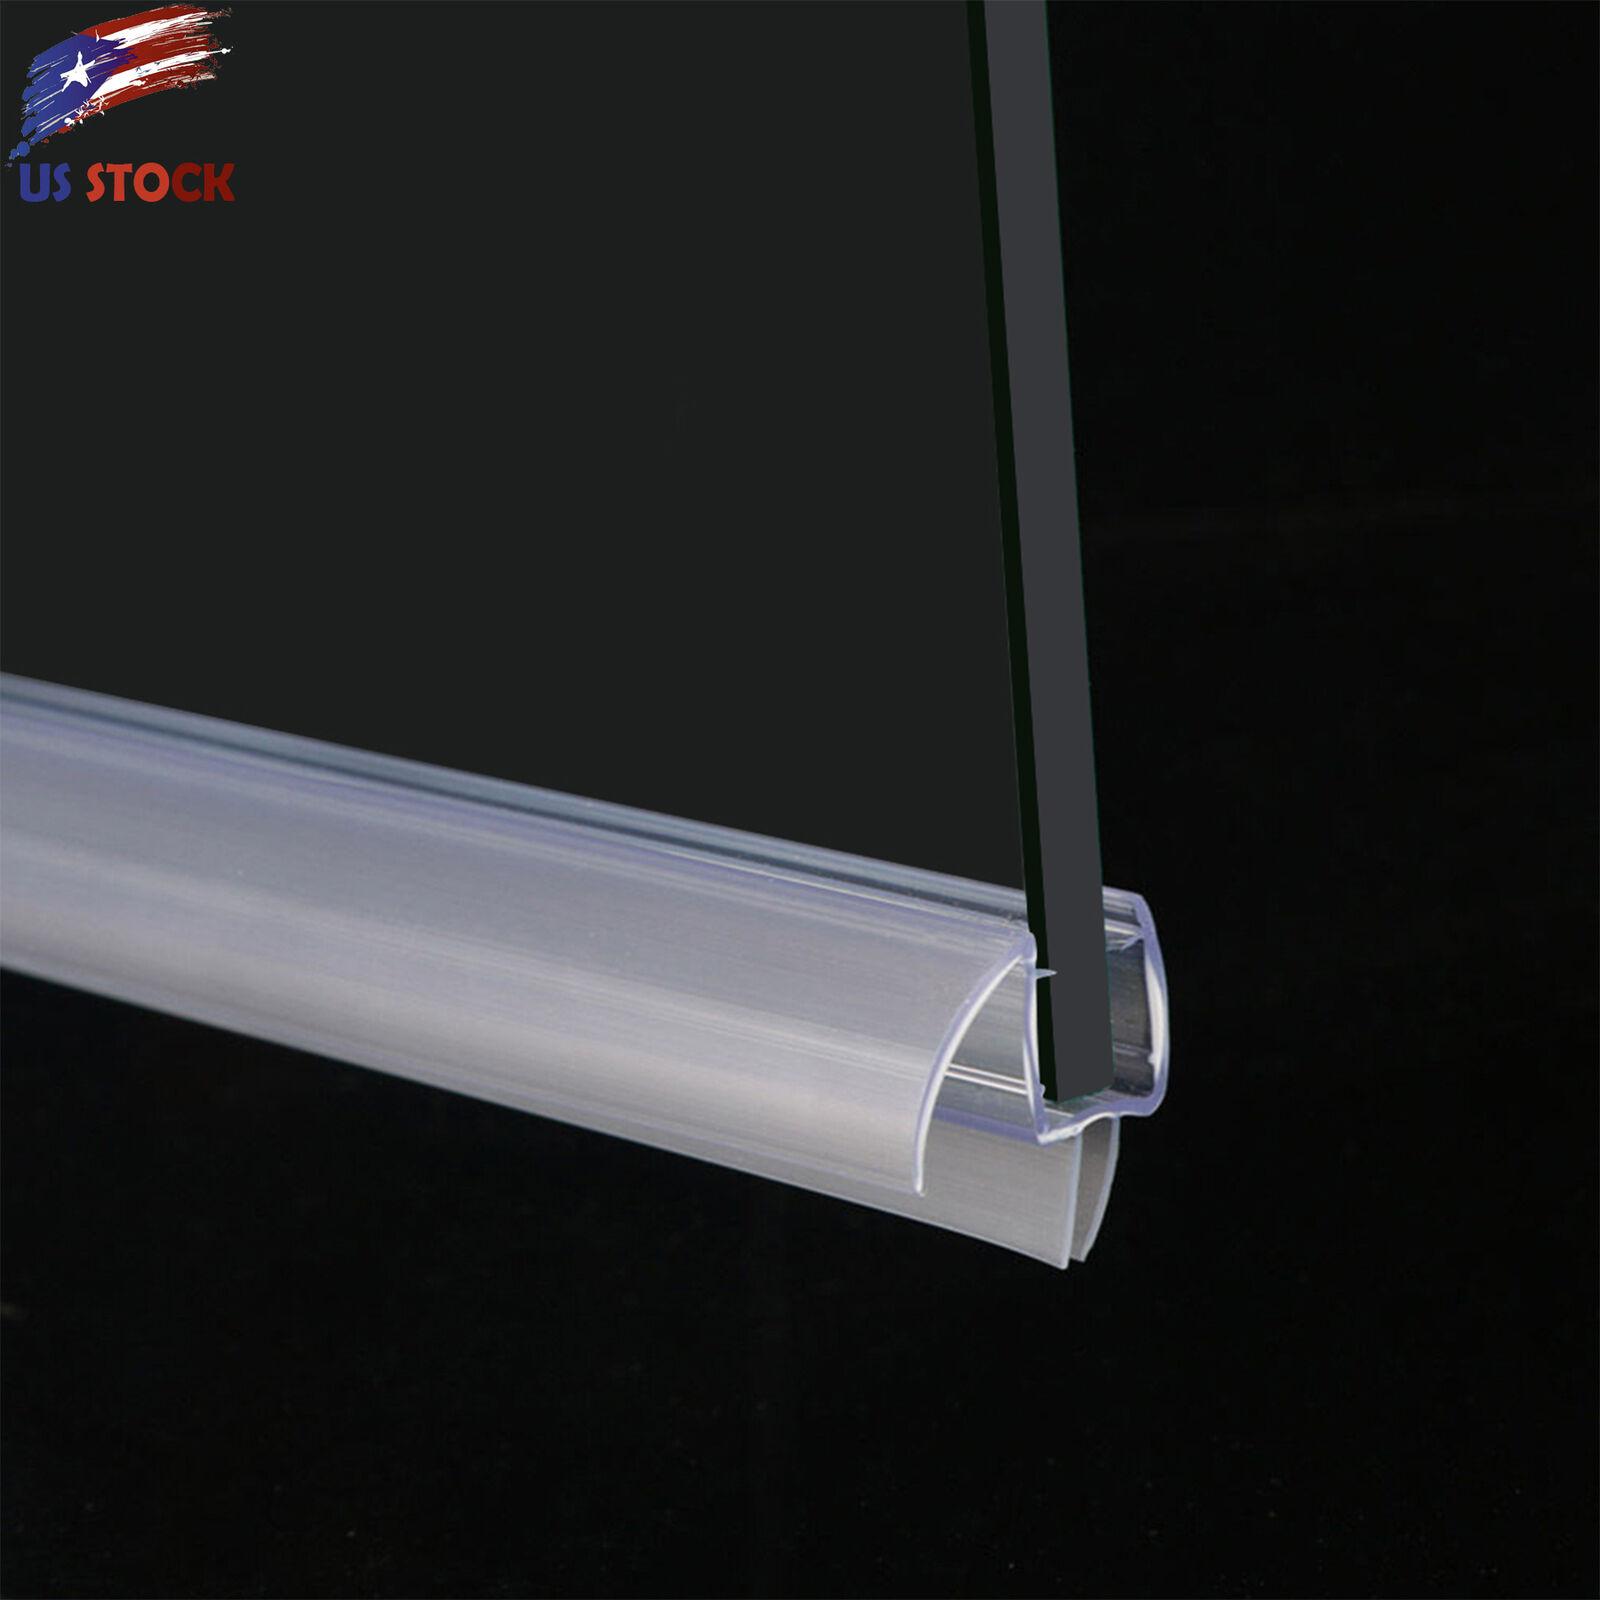 Elegant 3 8 Frameless Glass Shower Door Bottom Seal Sweep Rail 36 In Long